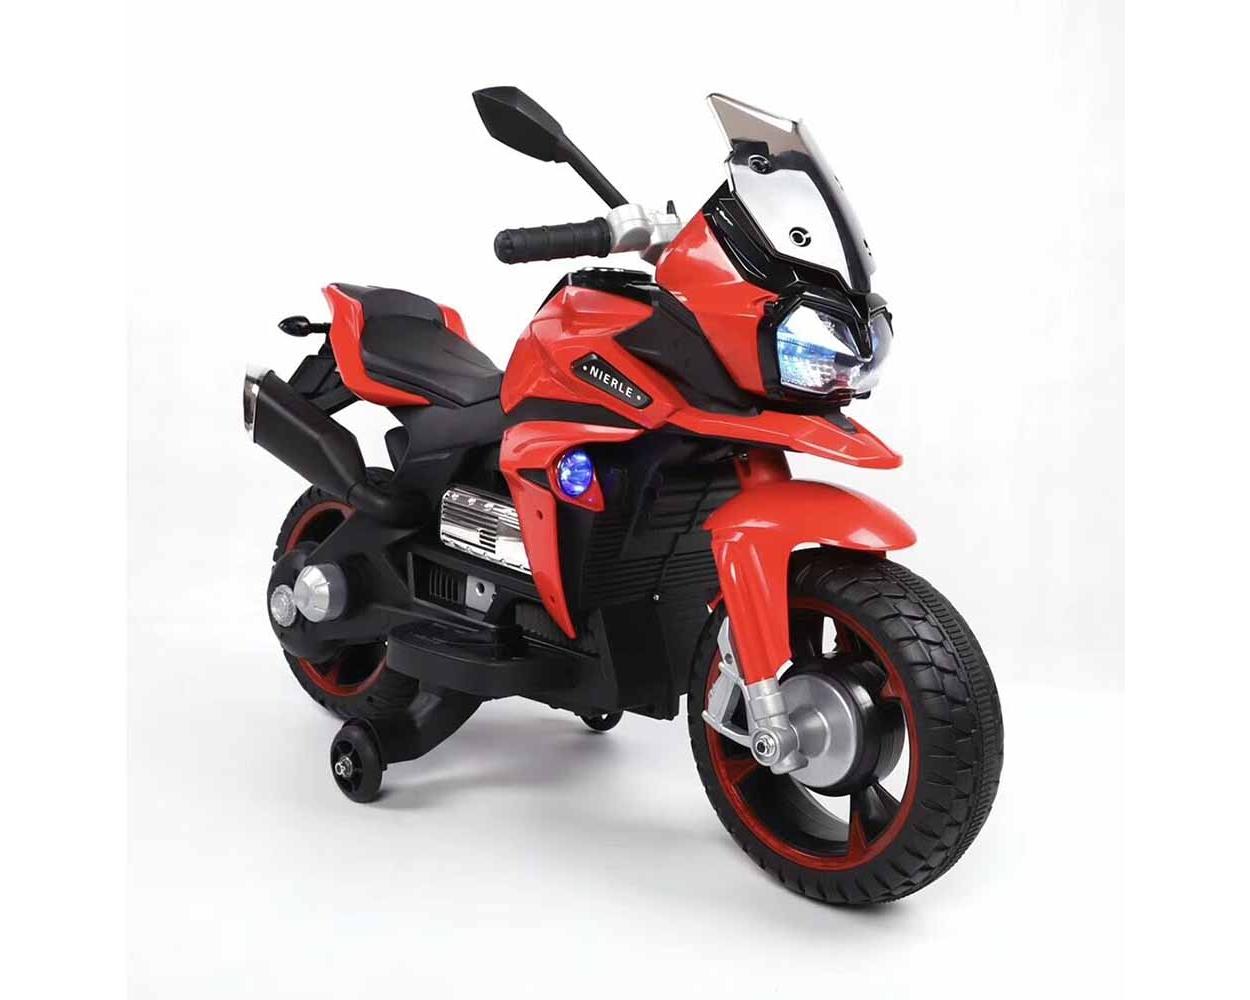 Ηλεκτροκίνητη Μηχανή 6V Rio R800 Red Cangaroo